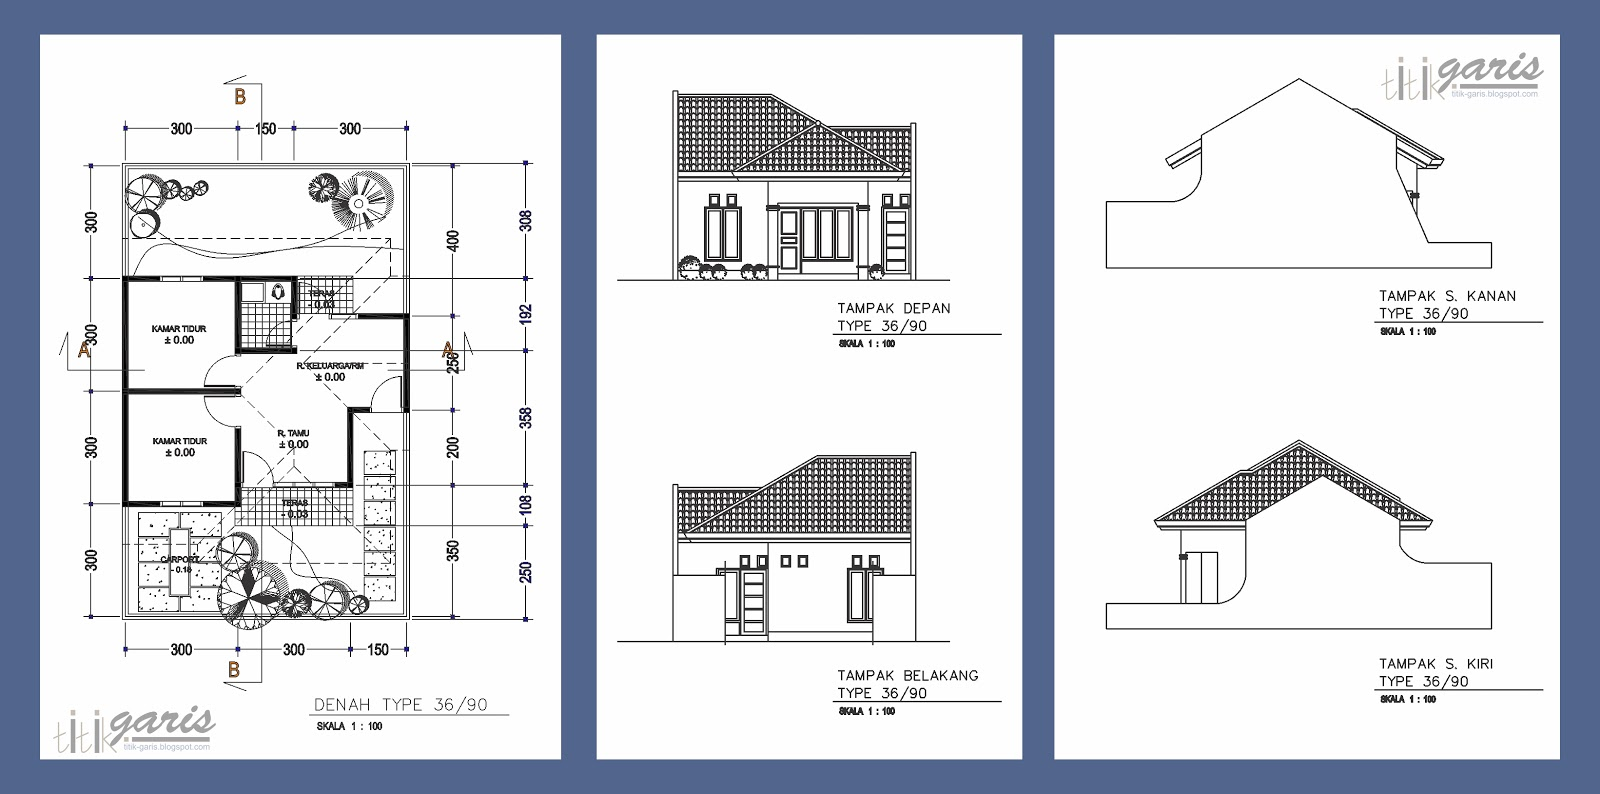 Ragam inspirasi Gambar Denah Rumah Tipe 36 2015 yg elegan